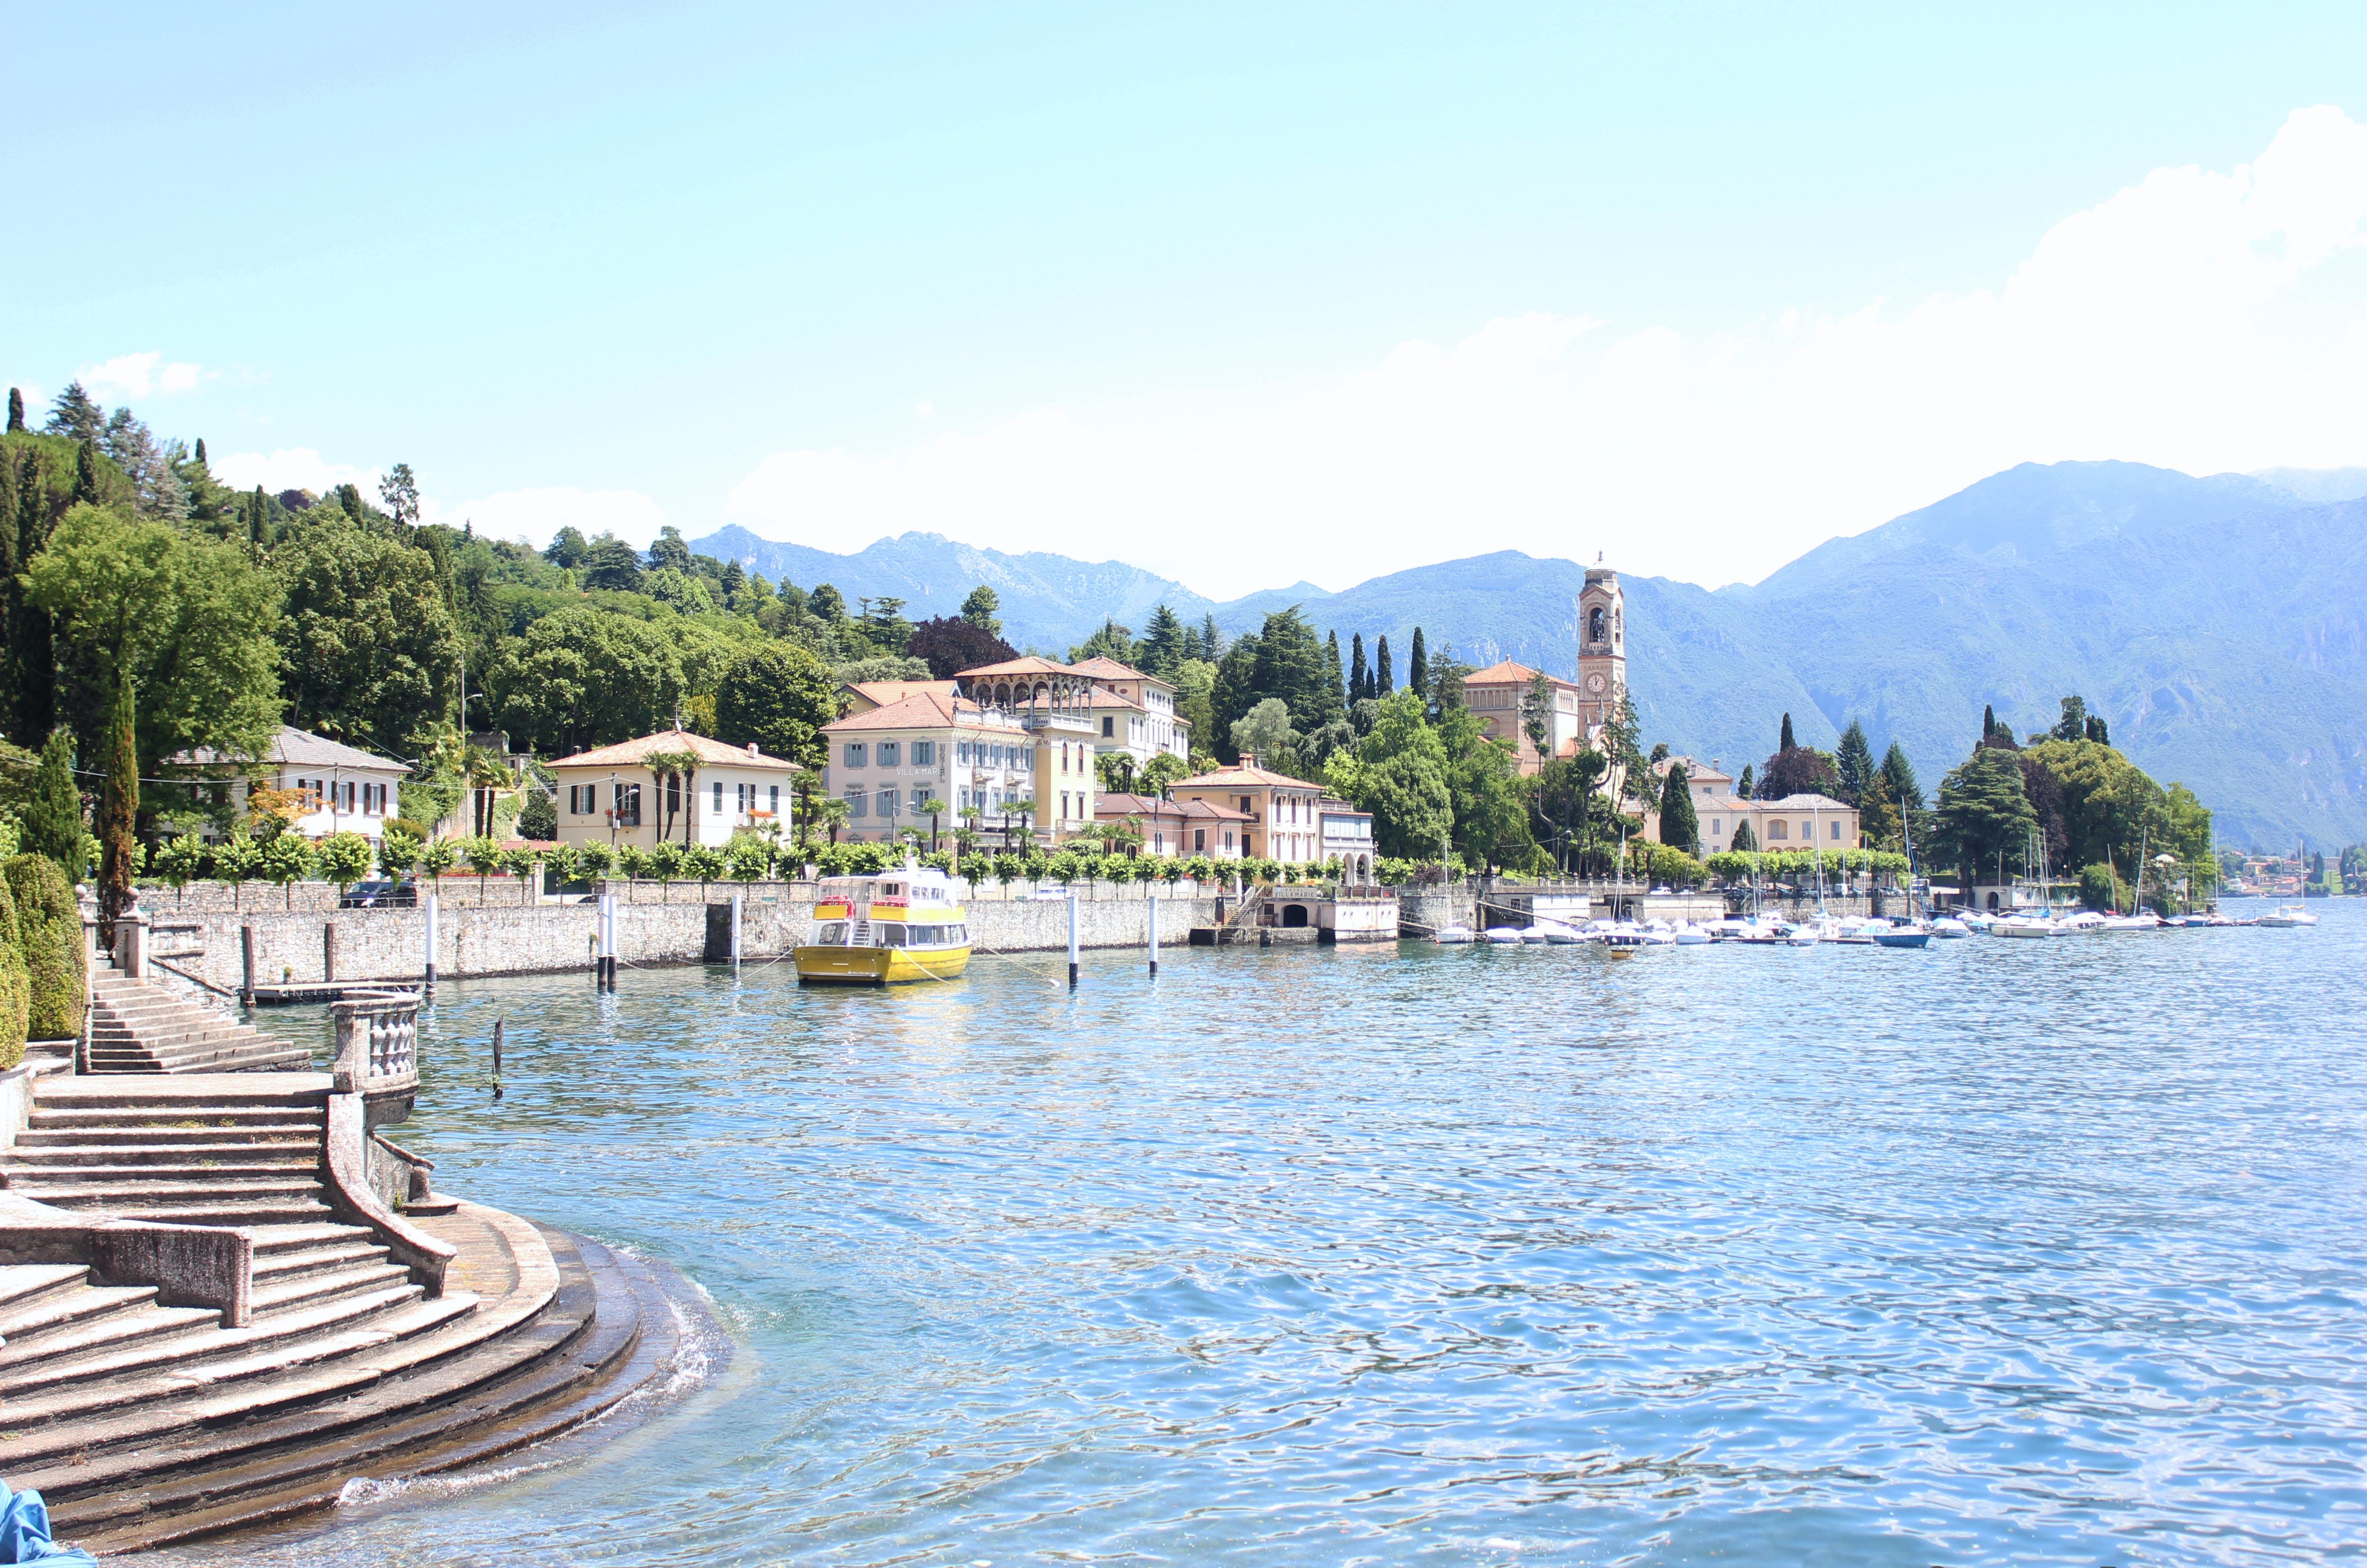 <i>het Italiëgevoel thuis</i>